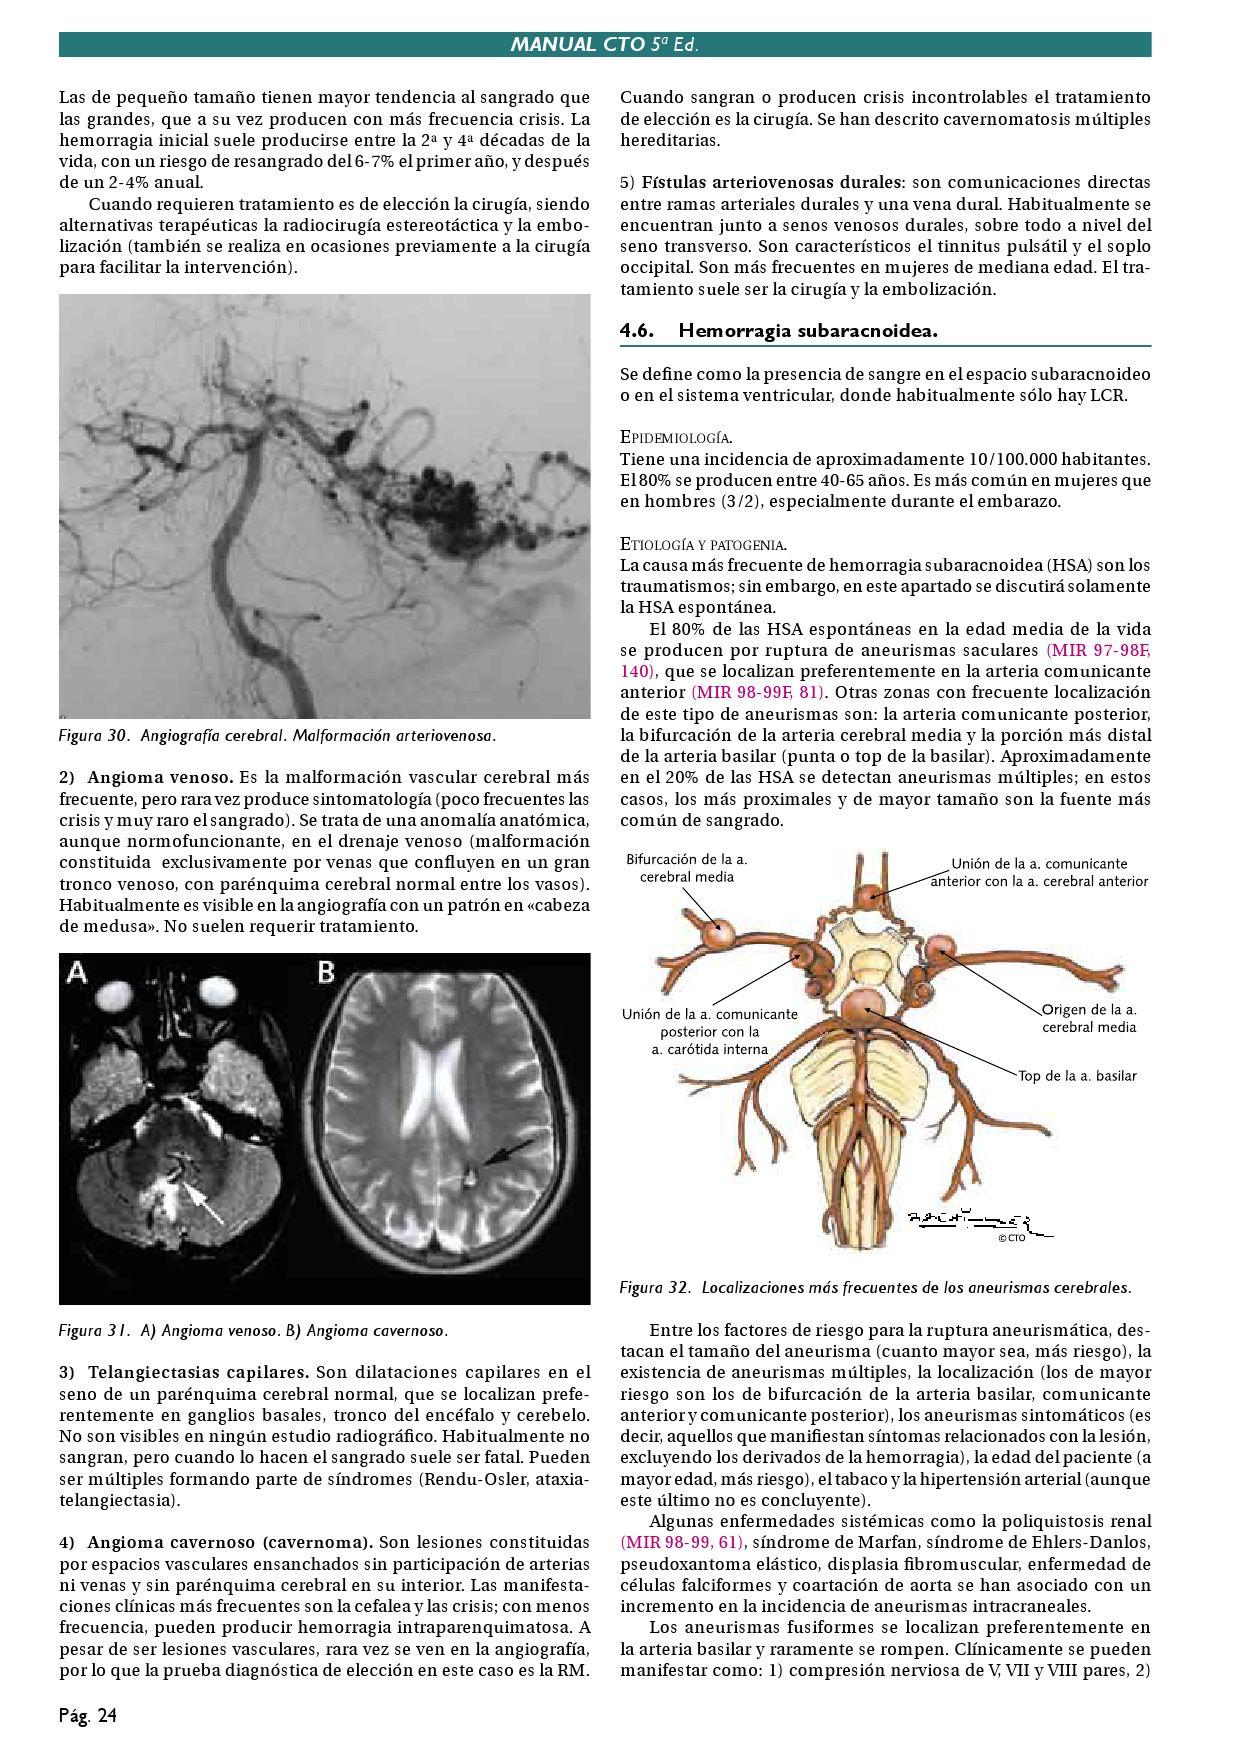 La vascular malformación de etiología